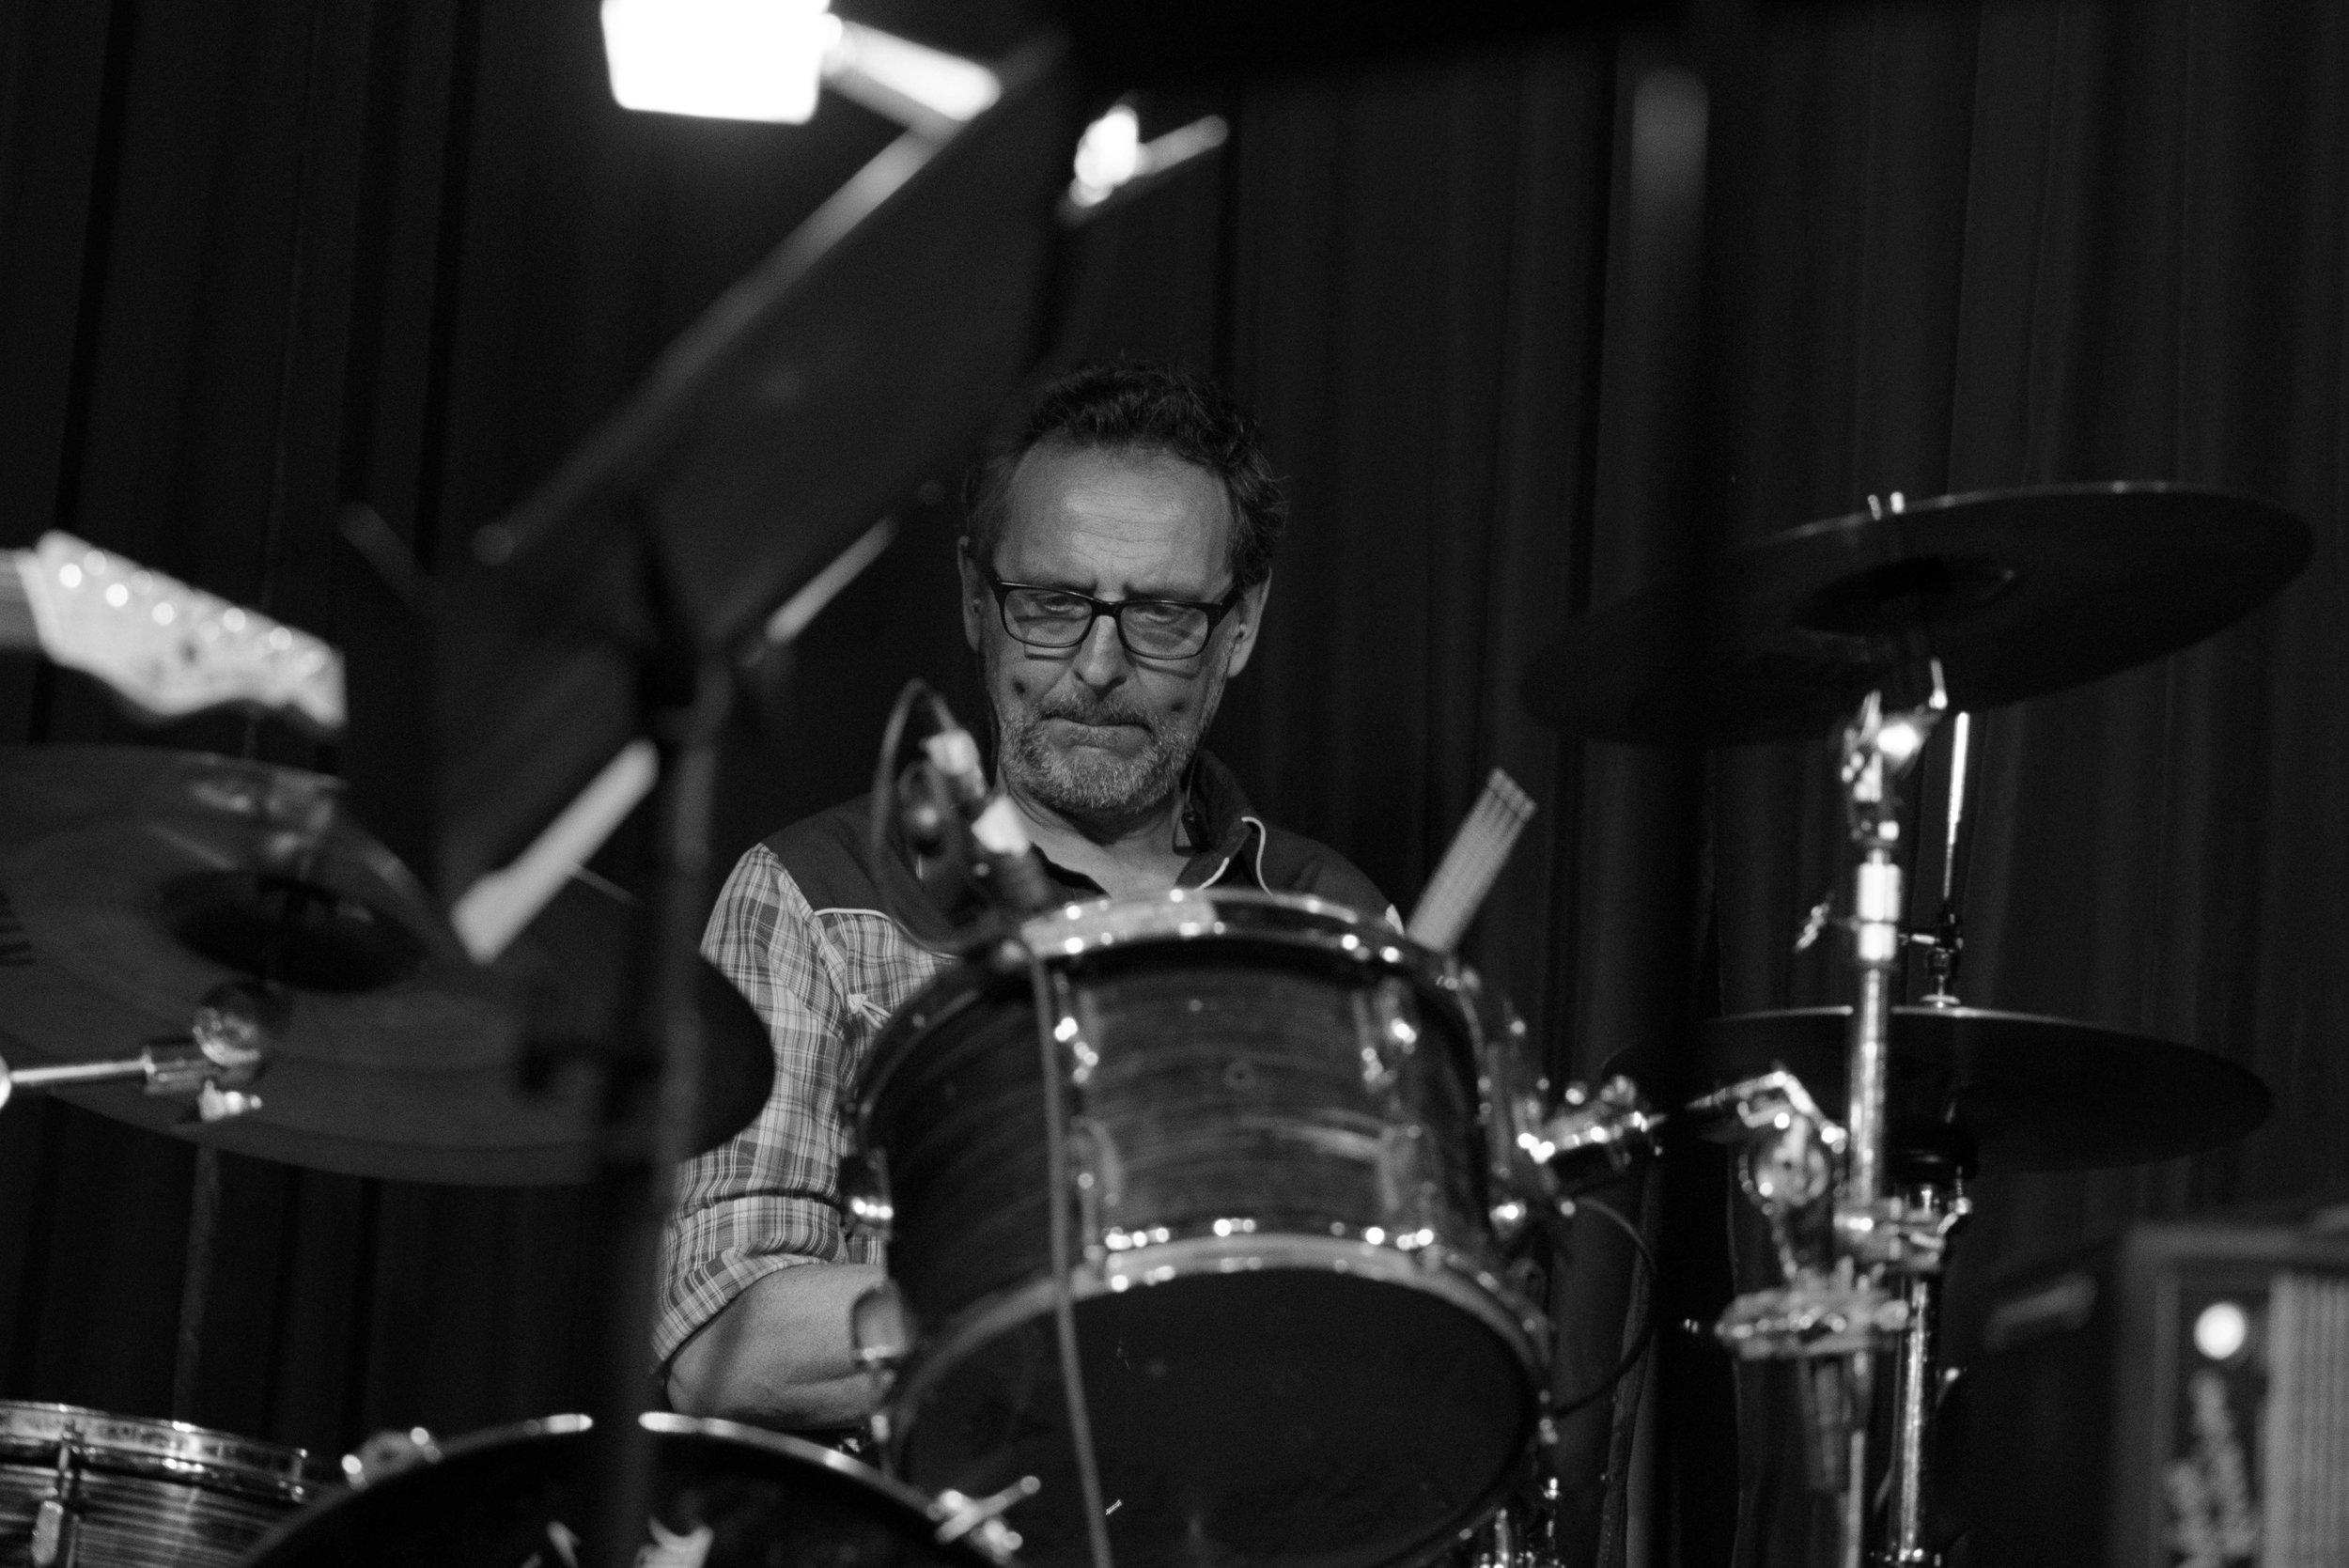 Tony Horkins